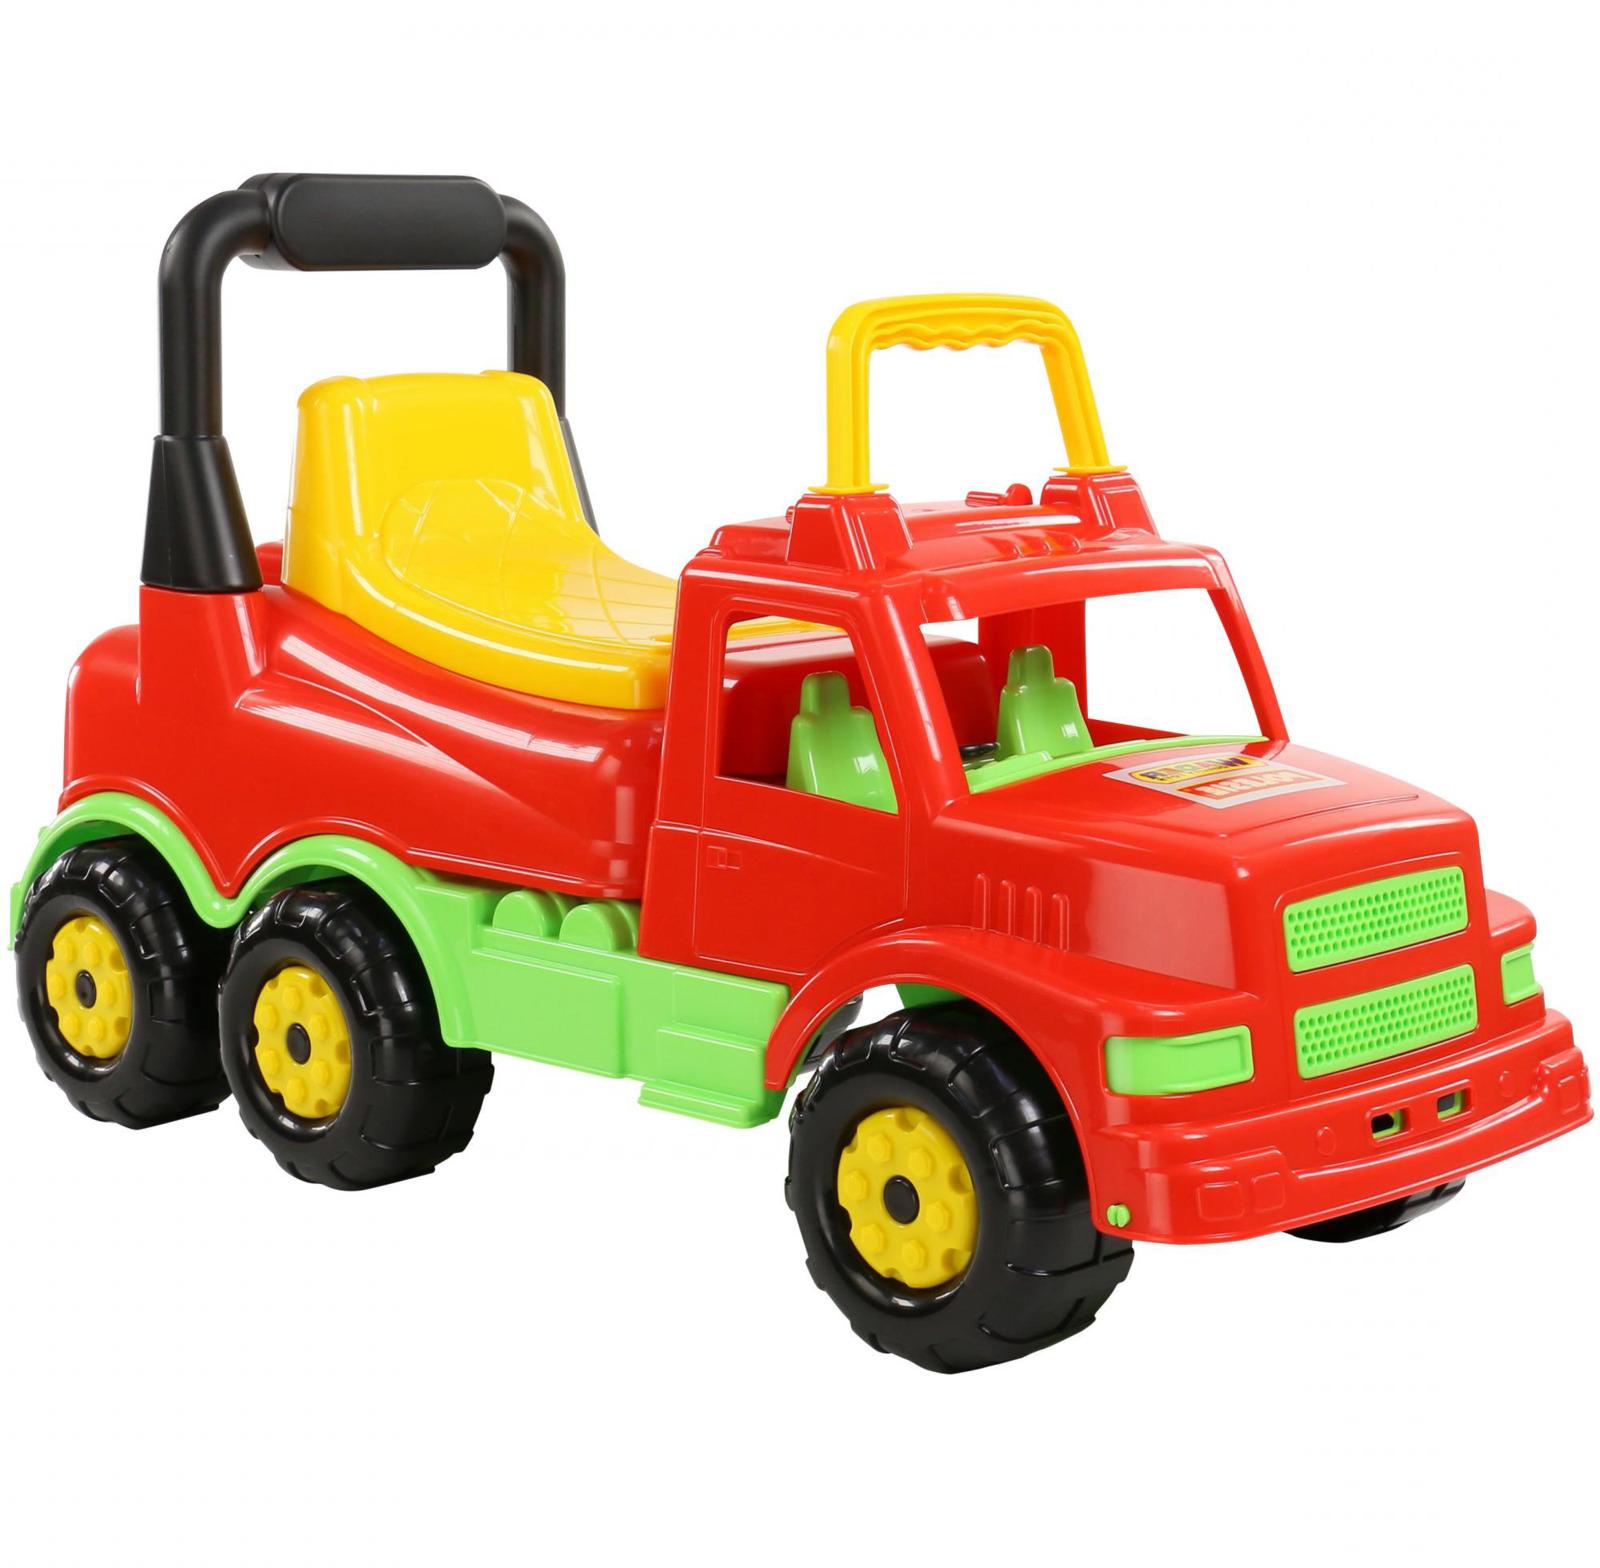 Автомобиль-каталка Полесье Буран №1, 43634, цвет в ассортименте